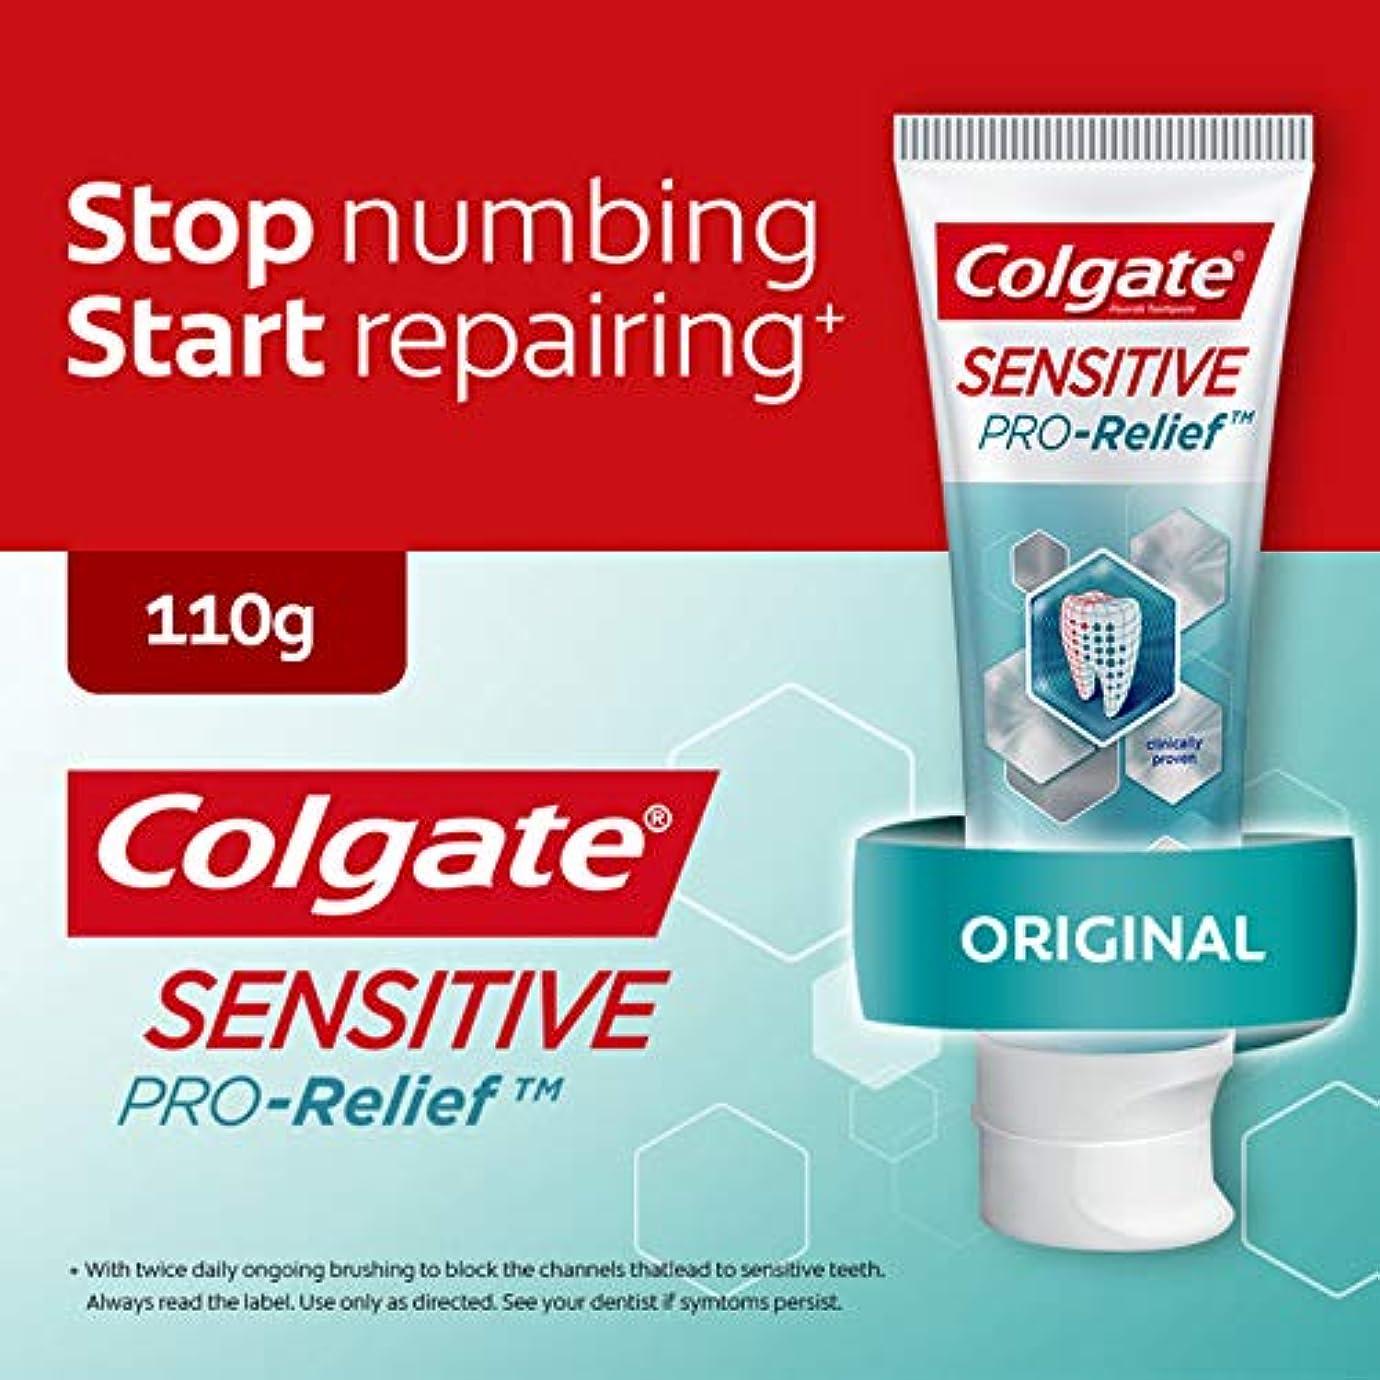 くるくる飢饉図書館Colgate Sensitive Pro Relief 110g  コールゲート センシティブ プロ リリーフ 110g